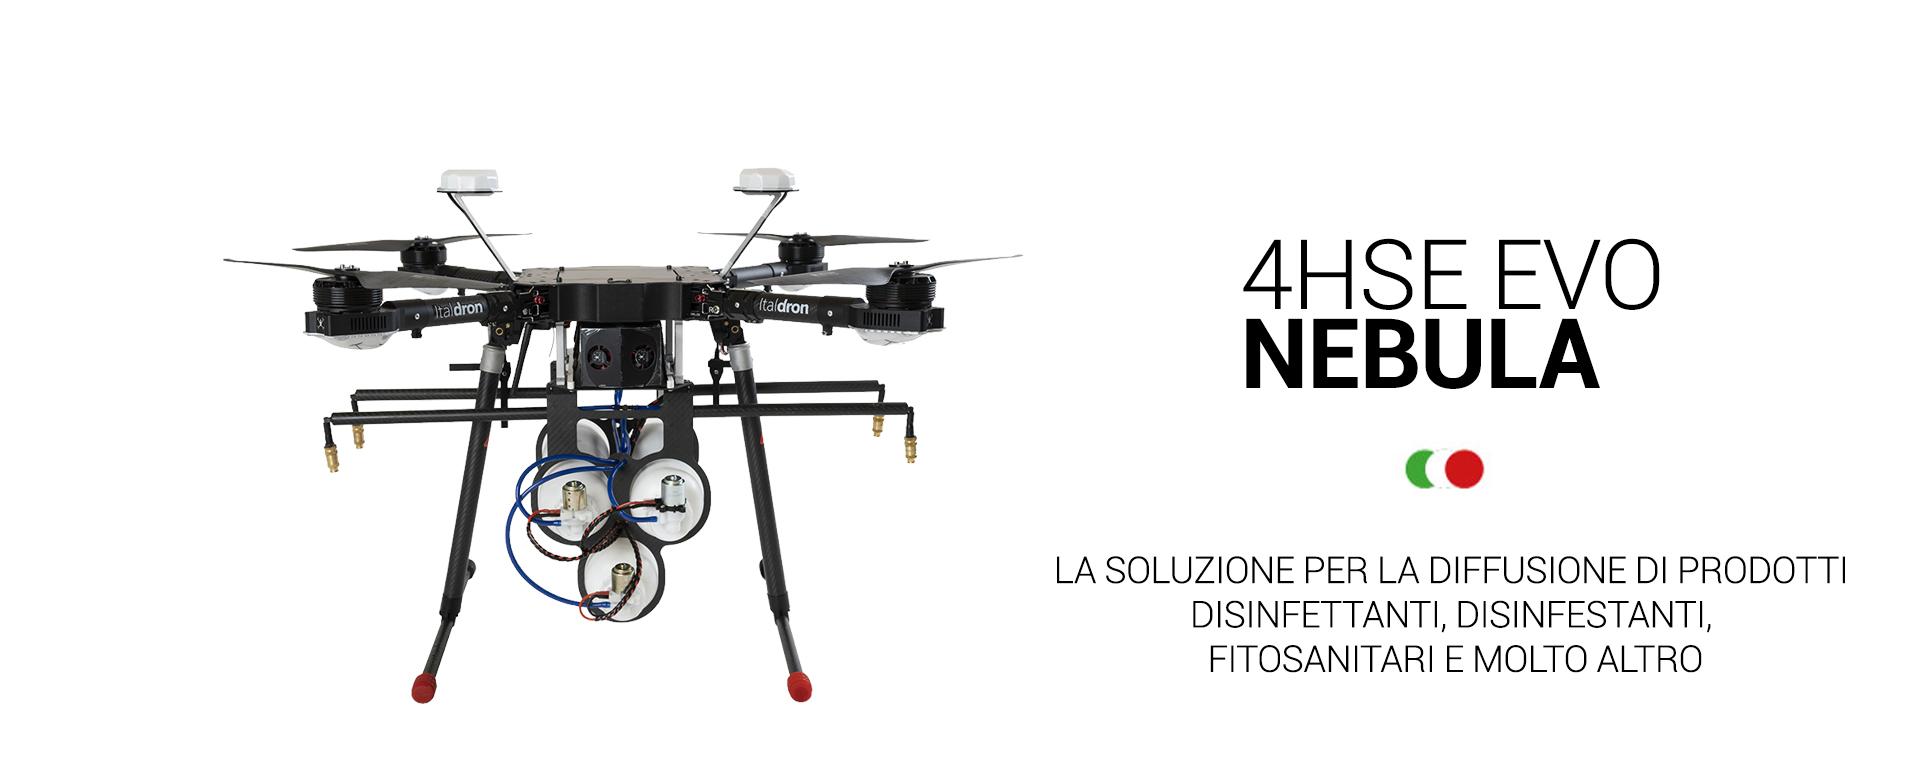 4HSE EVO Nebula: produzione e vendita droni professionali e sistemi apr italiani